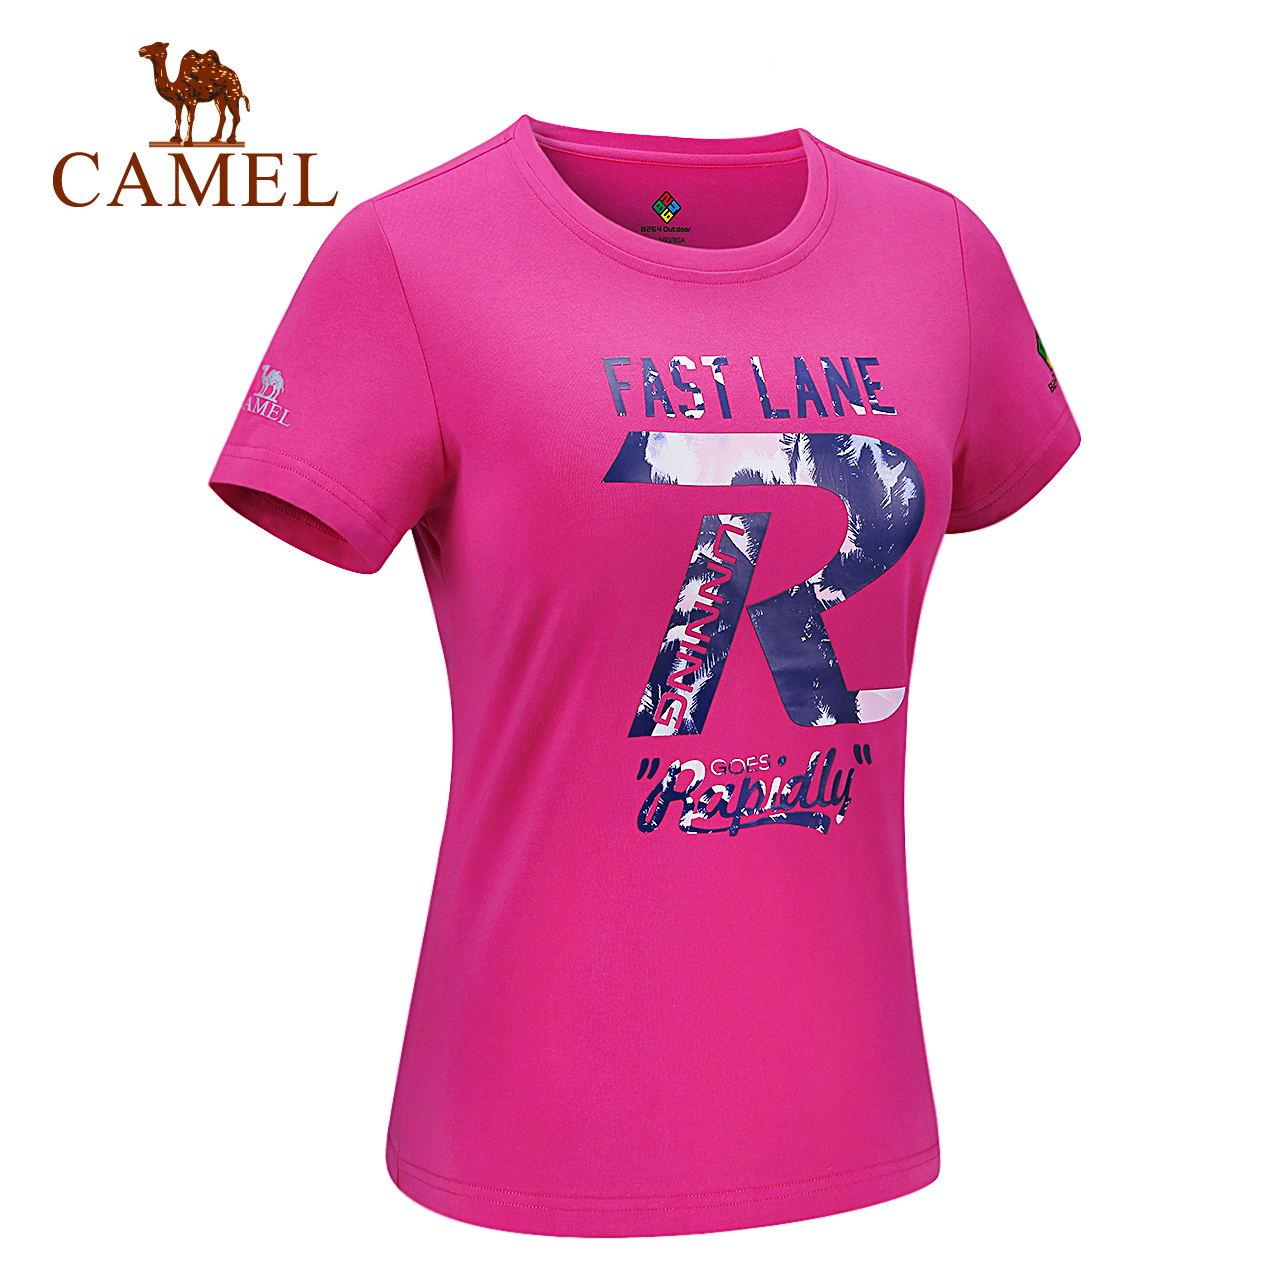 CAMEL骆驼&8264系列 户外休闲夏季圆领吸汗男女短袖T恤休闲上衣